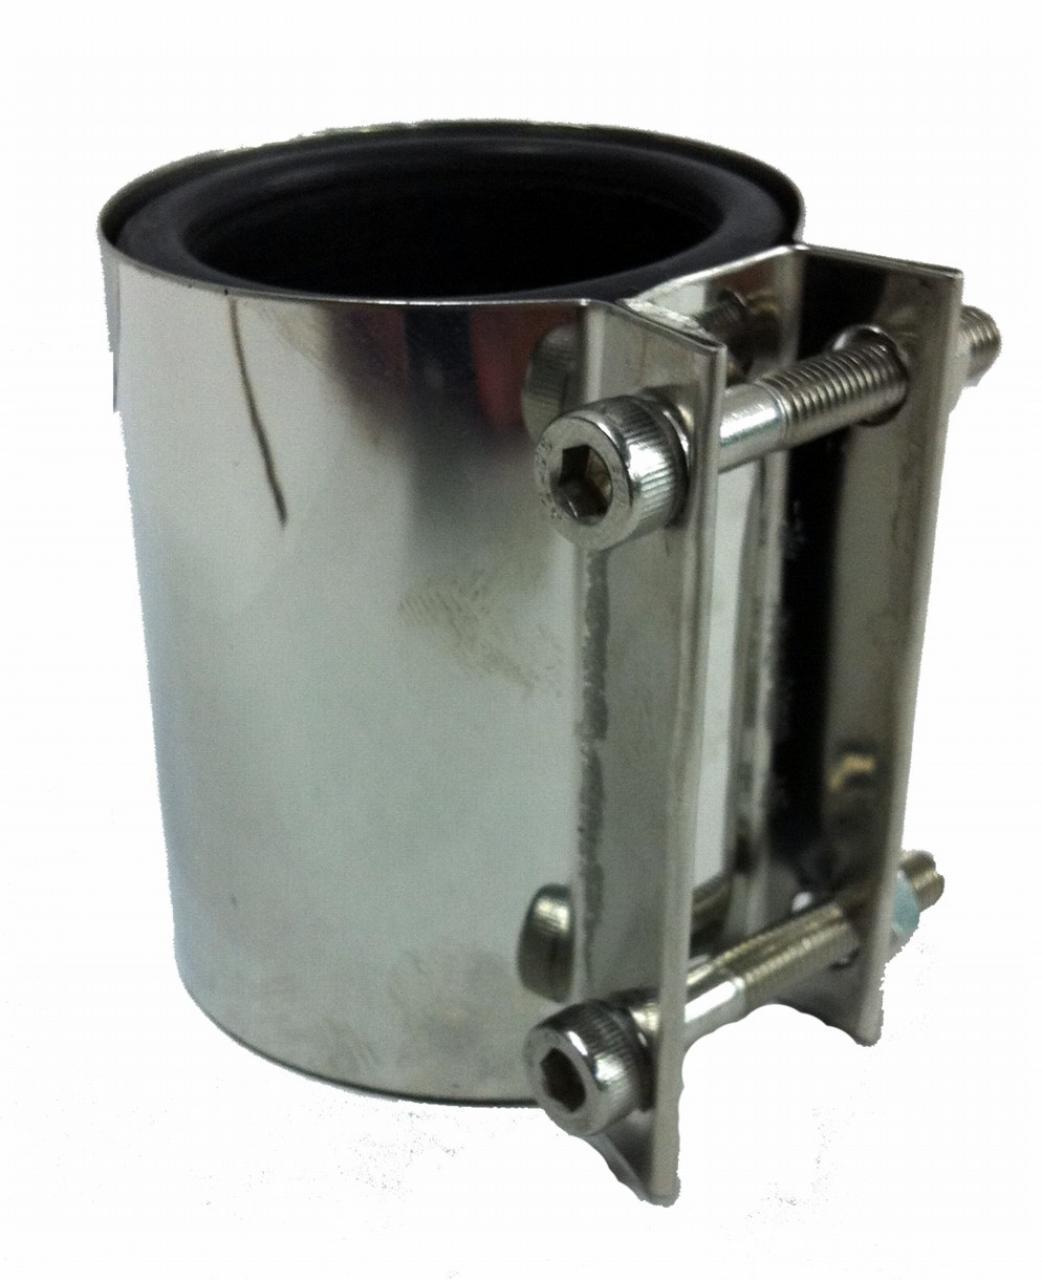 UNIAO EM INOX PARA TUBO DE 38MM (C/BORRACHA)